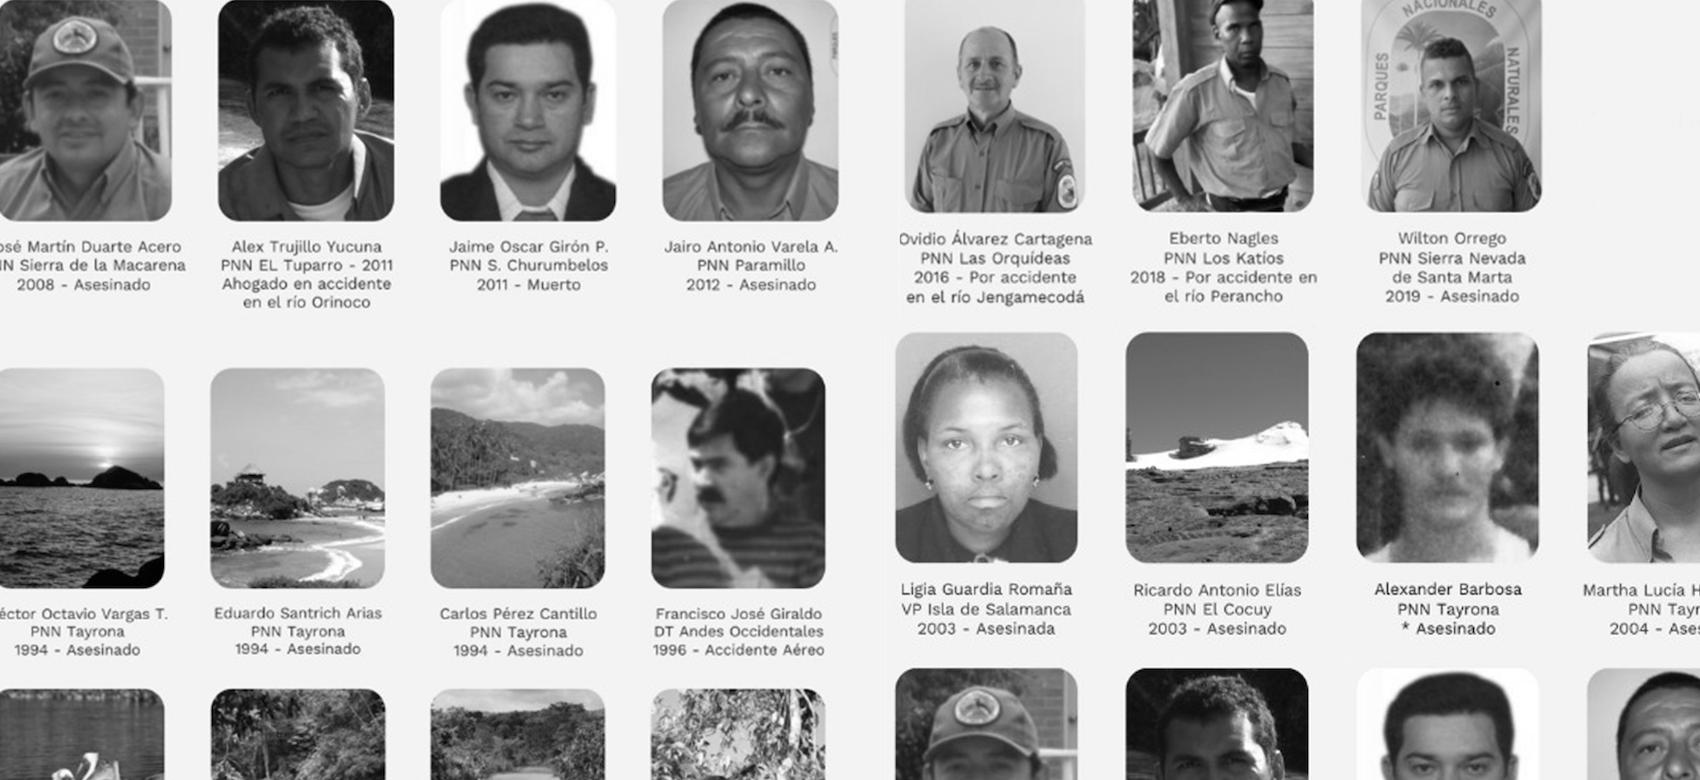 historias//en-el-dia-mundial-de-los-guardabosques-semana-rural-rinde-homenaje-a-los-guardaparques-asesinados-en-colombia